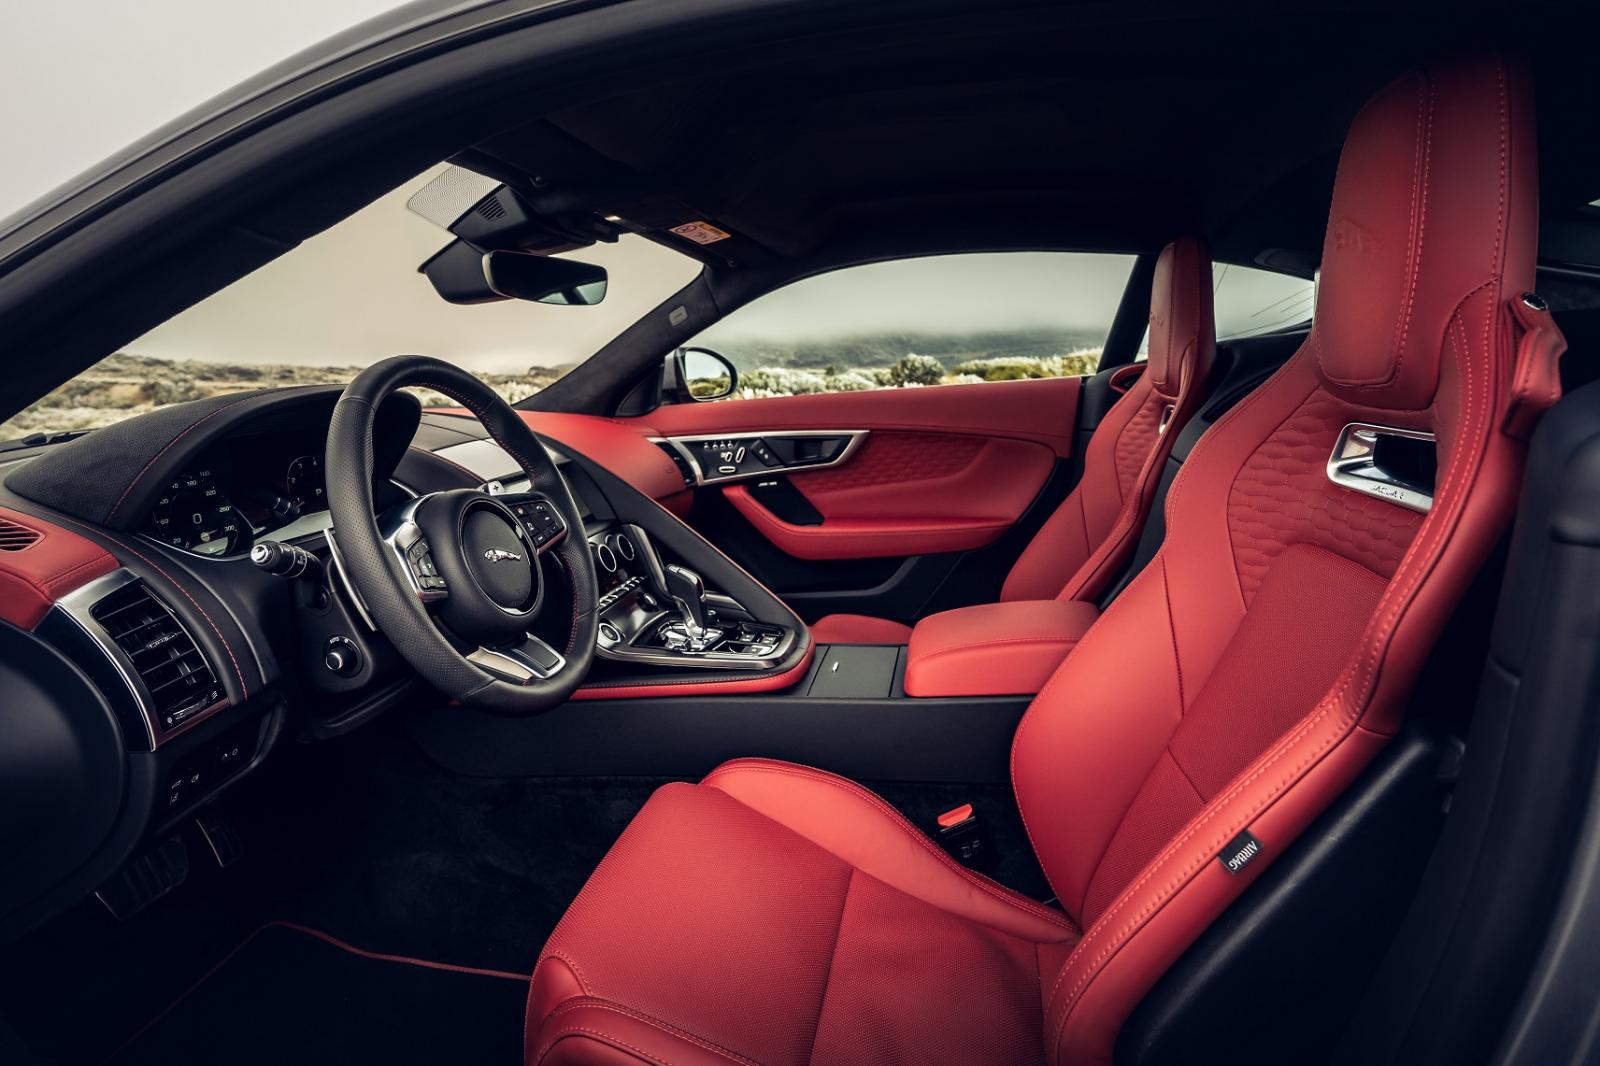 Jaguar F-Type precio mexico